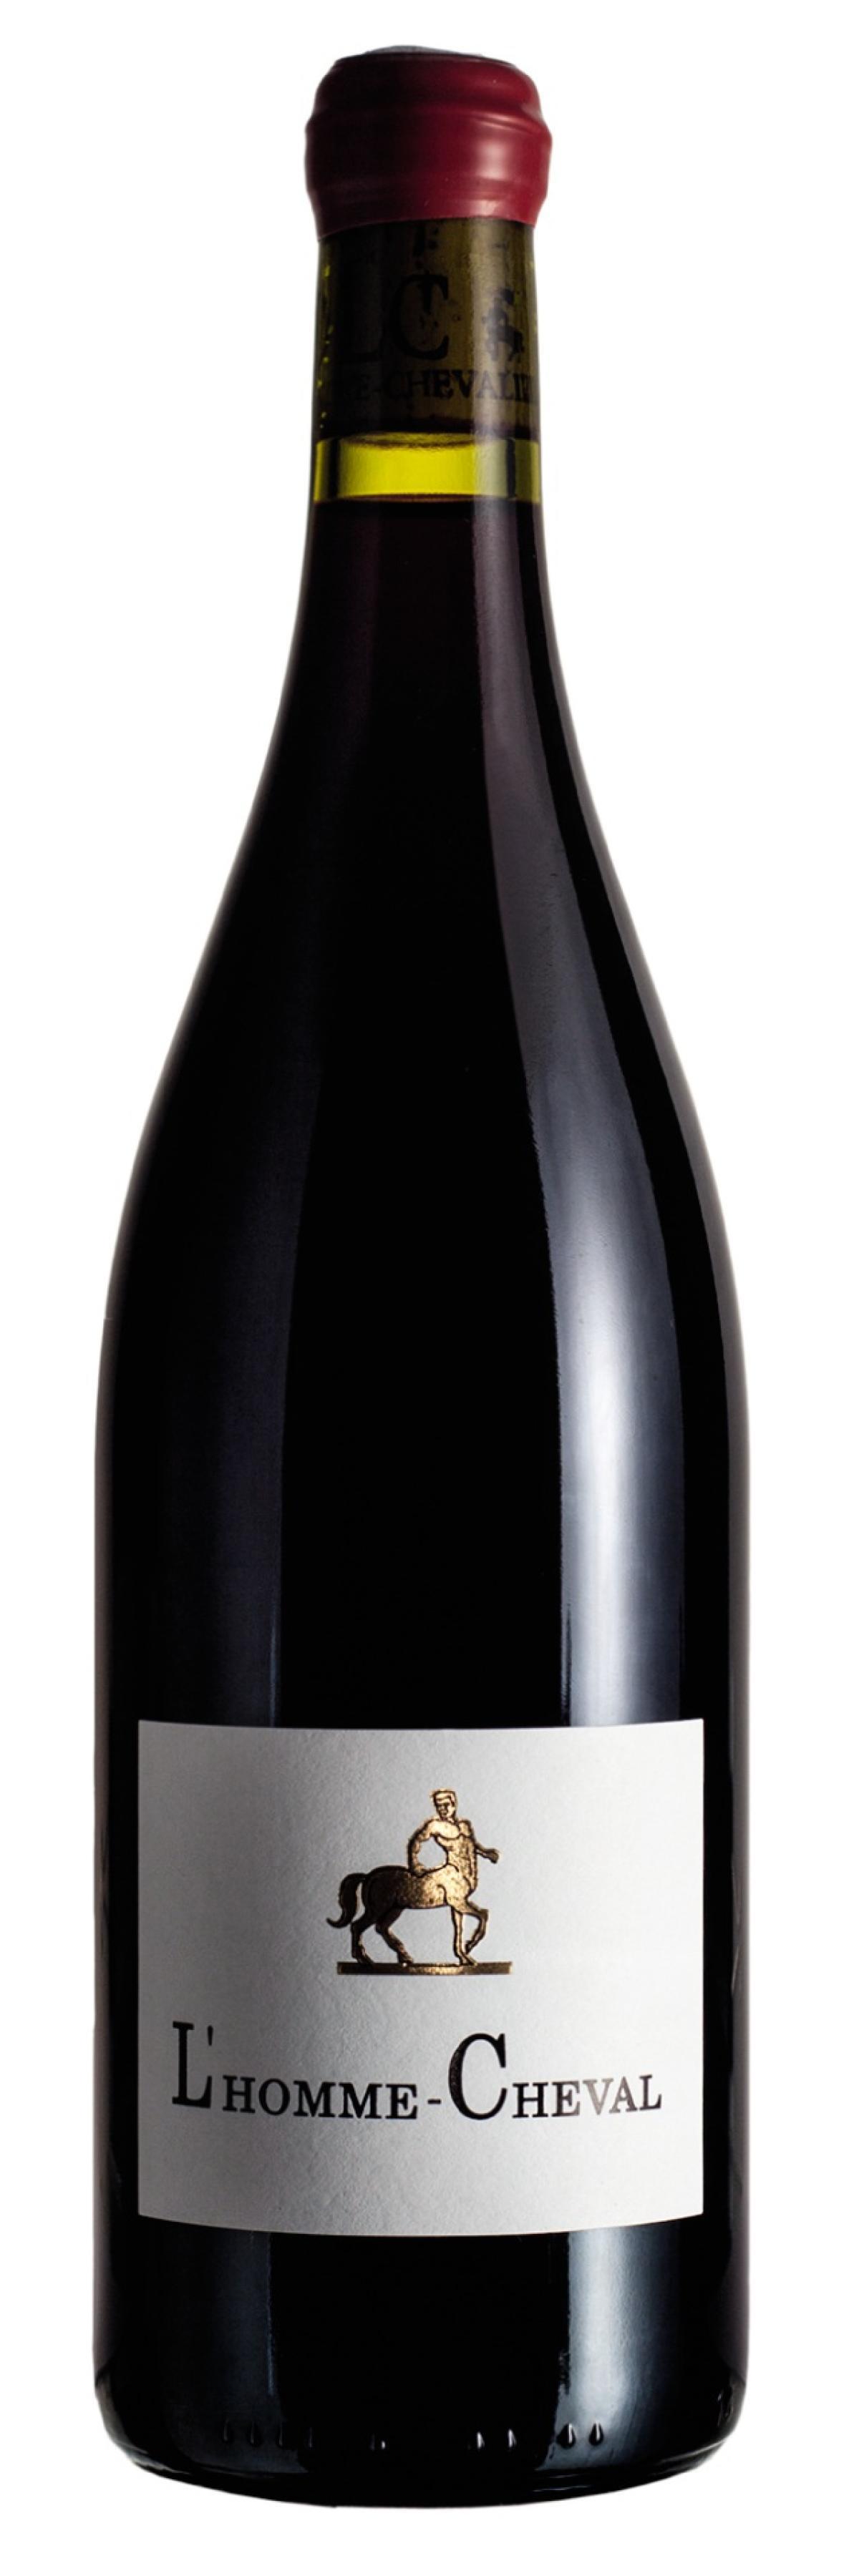 Un vin de France, nommé L'Homme-Cheval du domaineLéandre-Chevalier.